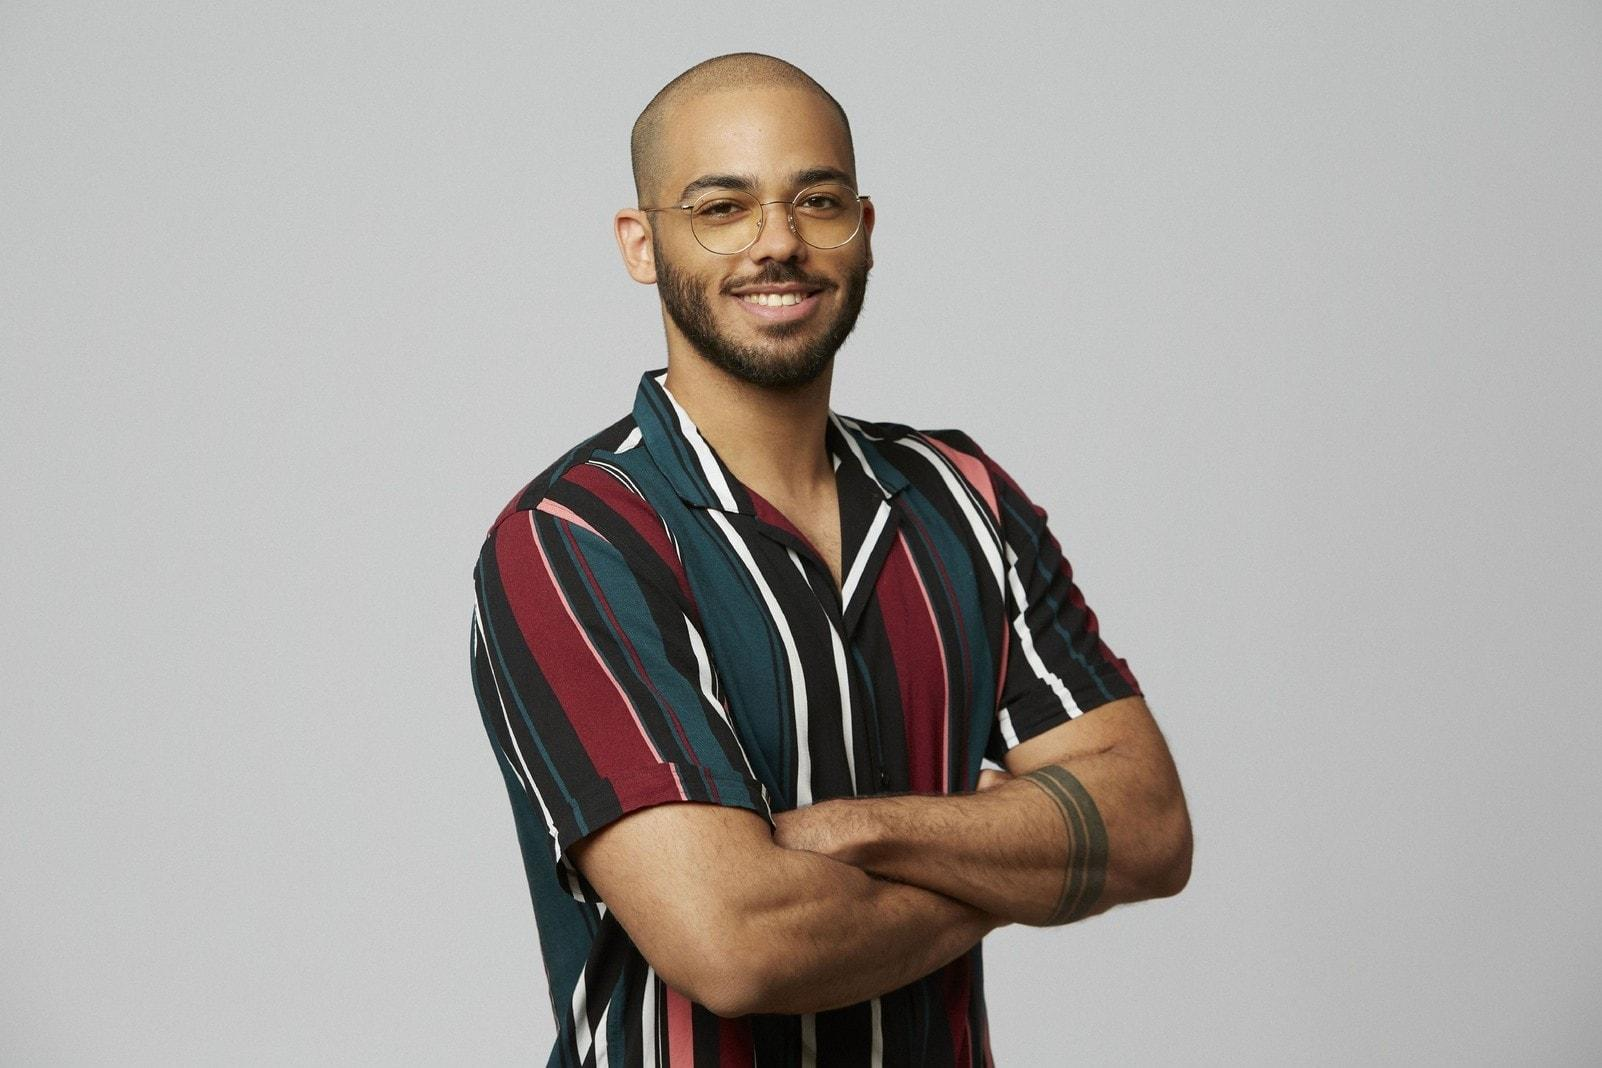 Prince Charming Kandidat Corey